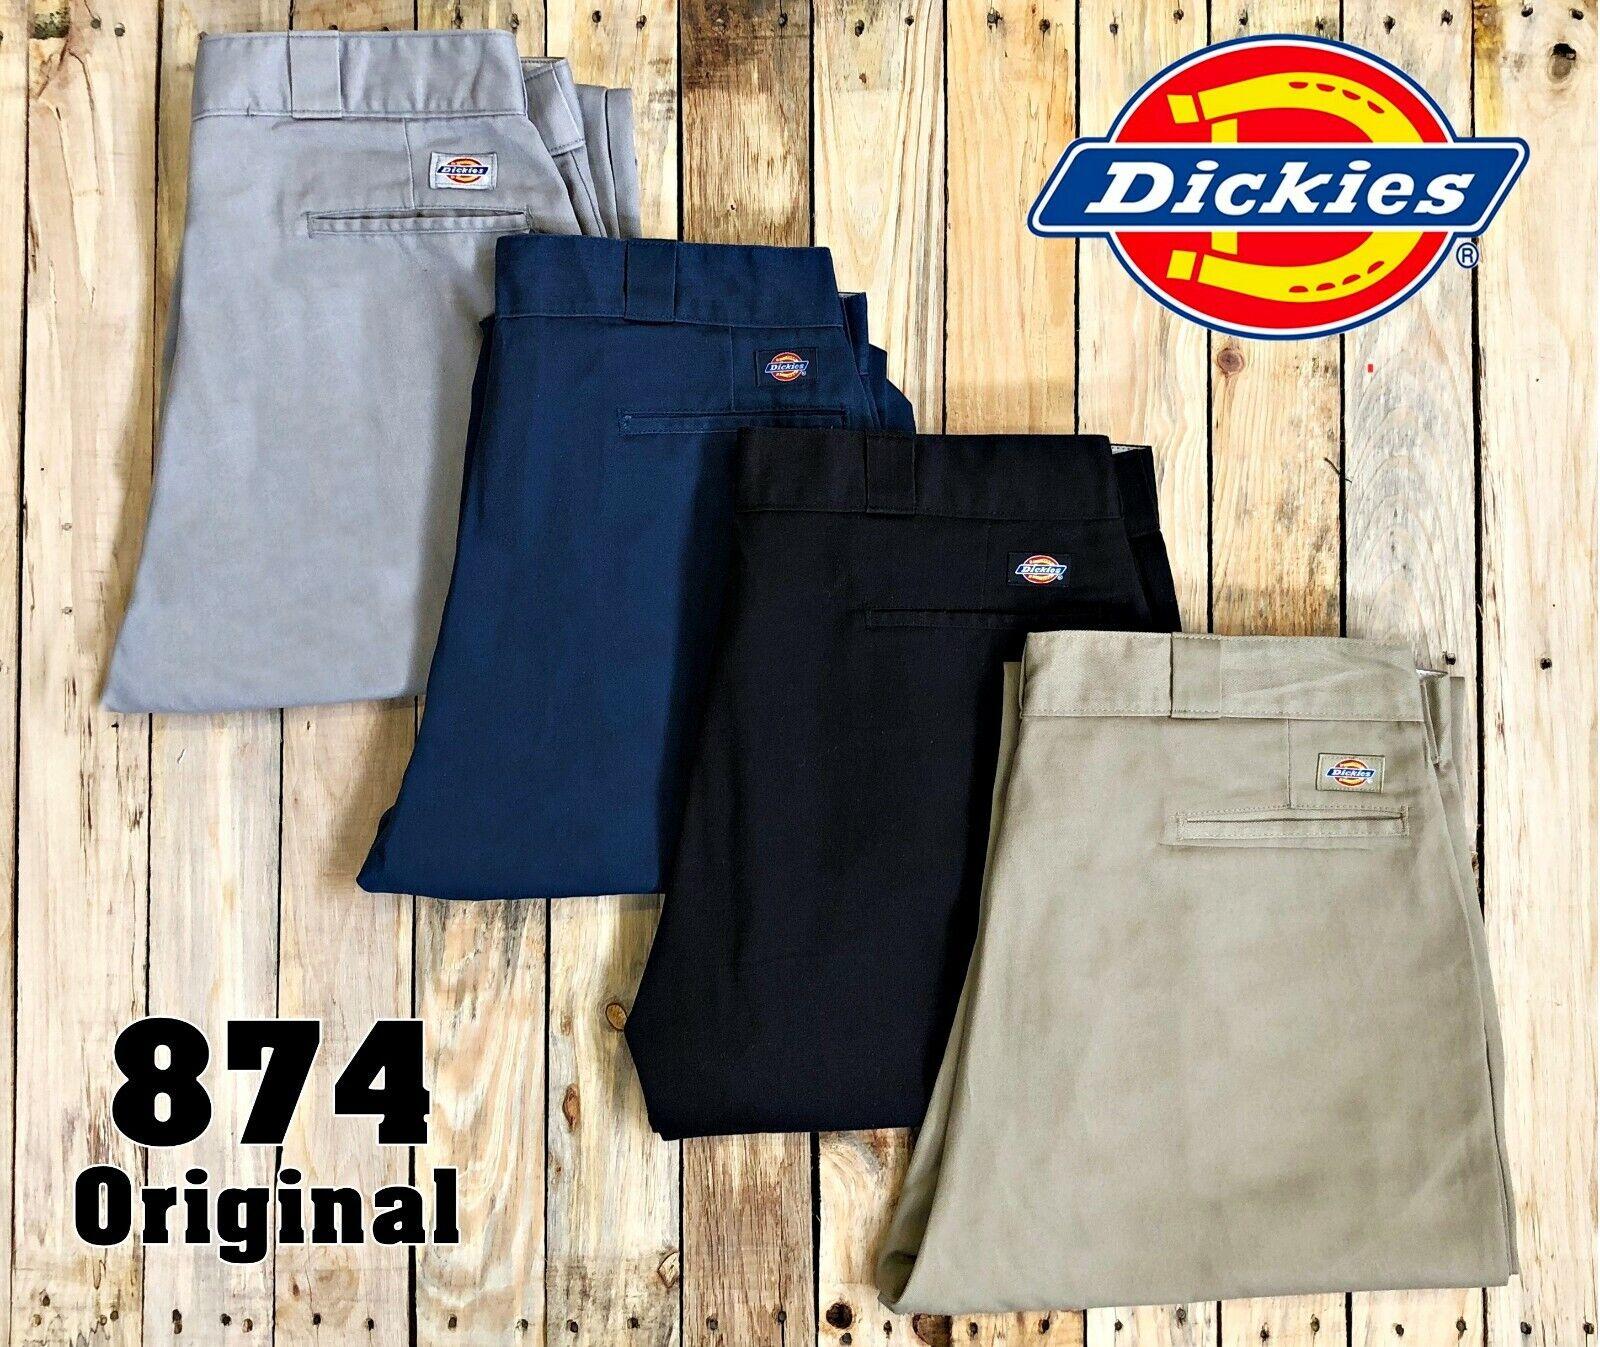 Pantalones Dickies 874 Original Fit Pantalones Pantalones Ropa De Trabajo W30 W32 W34 W36 W38 Ropa Calzado Y Complementos Aniversarioqroo Cozumel Gob Mx